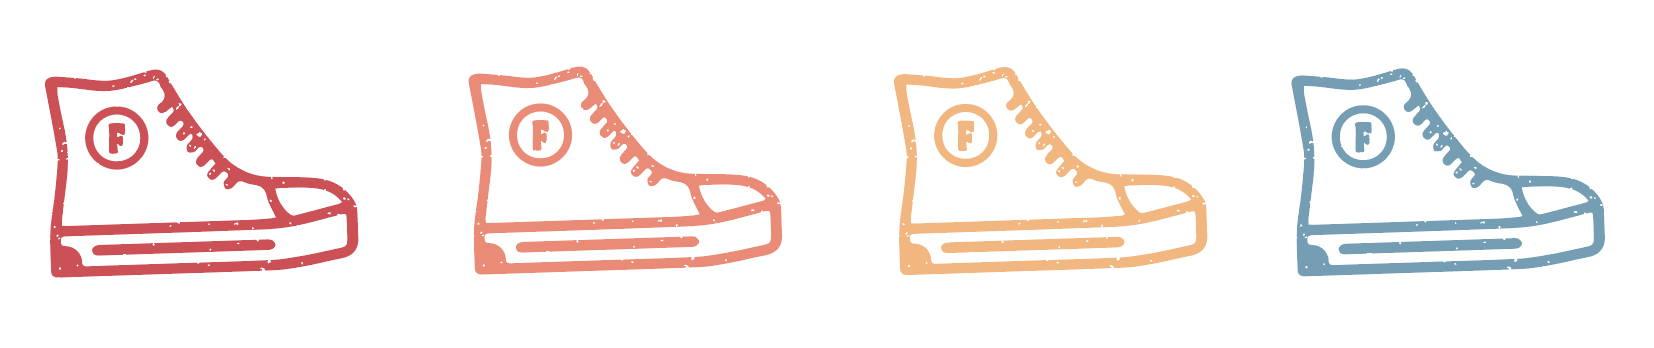 Converse insoles FOOTSOULS logo